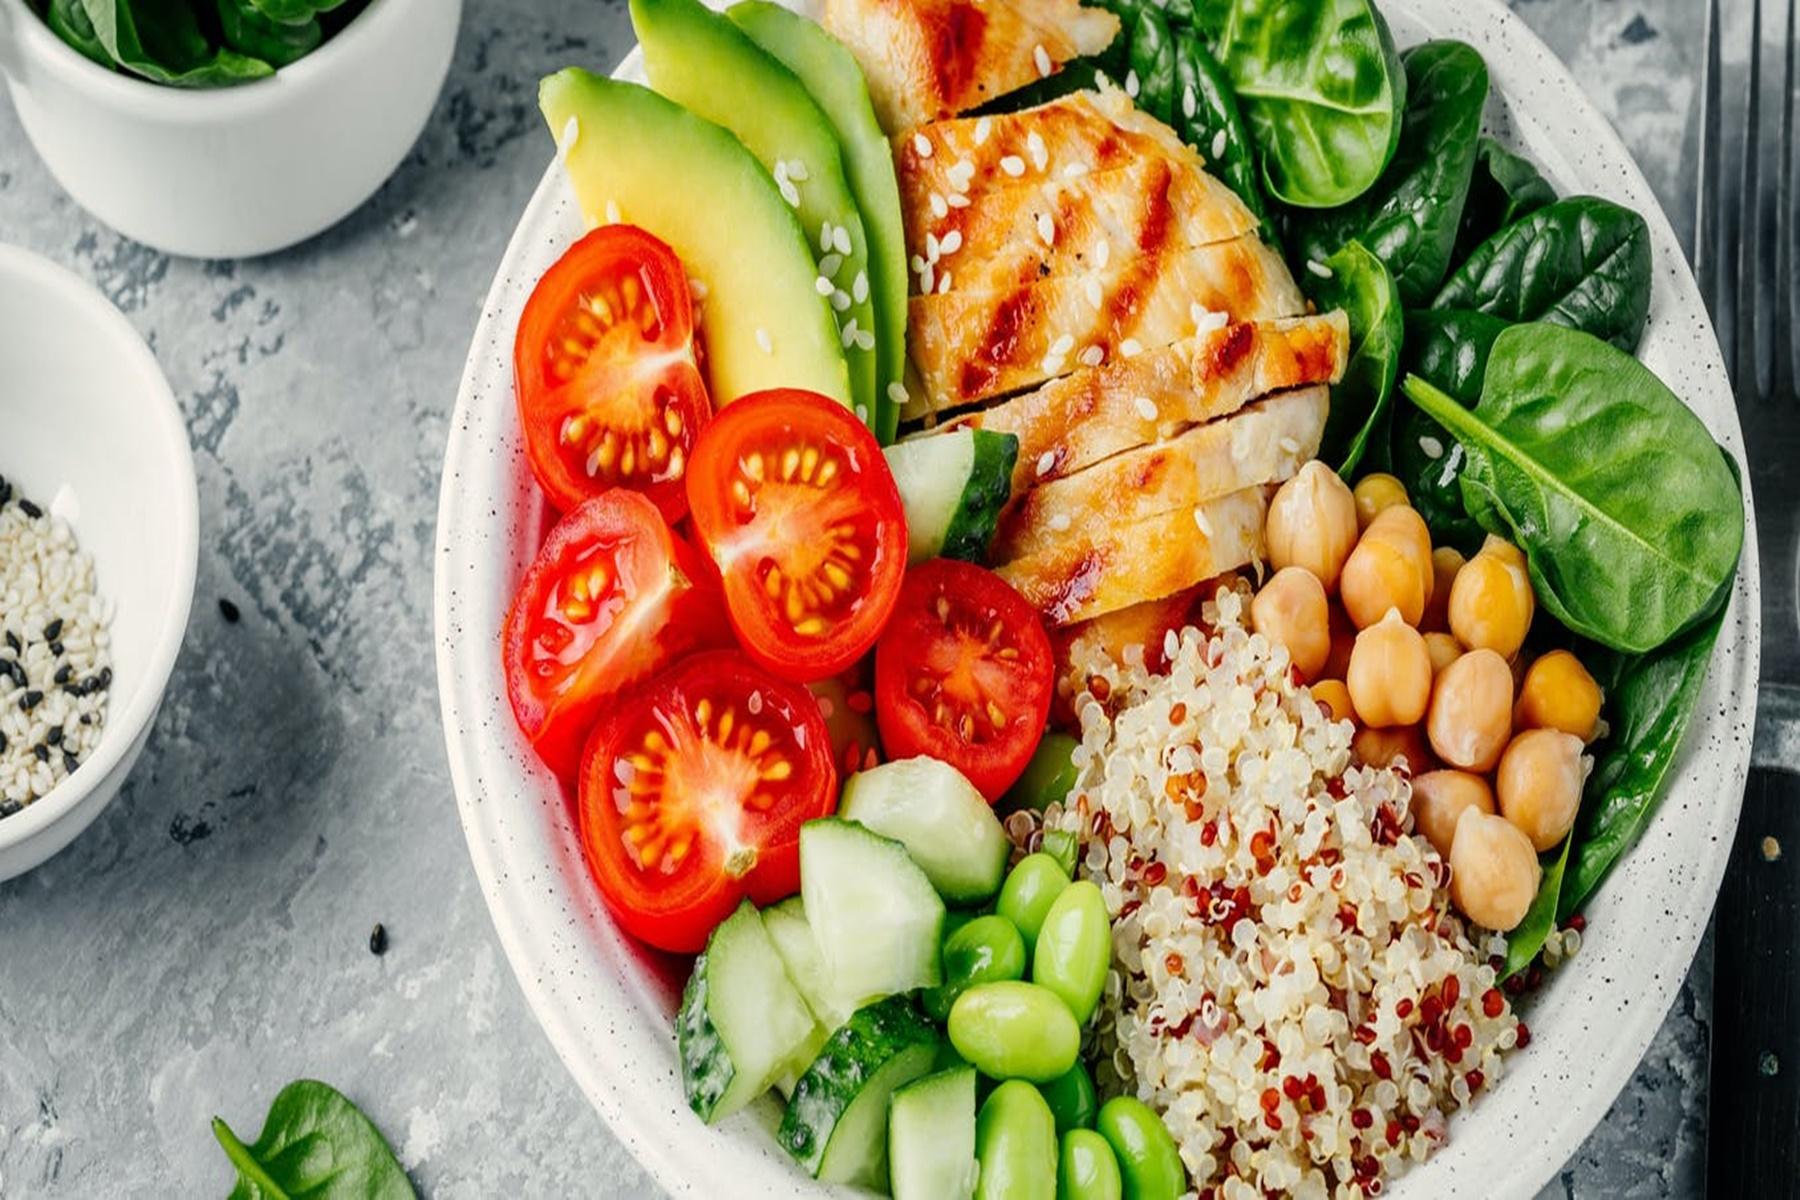 Υγιεινή Διατροφή : Συμβουλές για δυνατή καρδιά